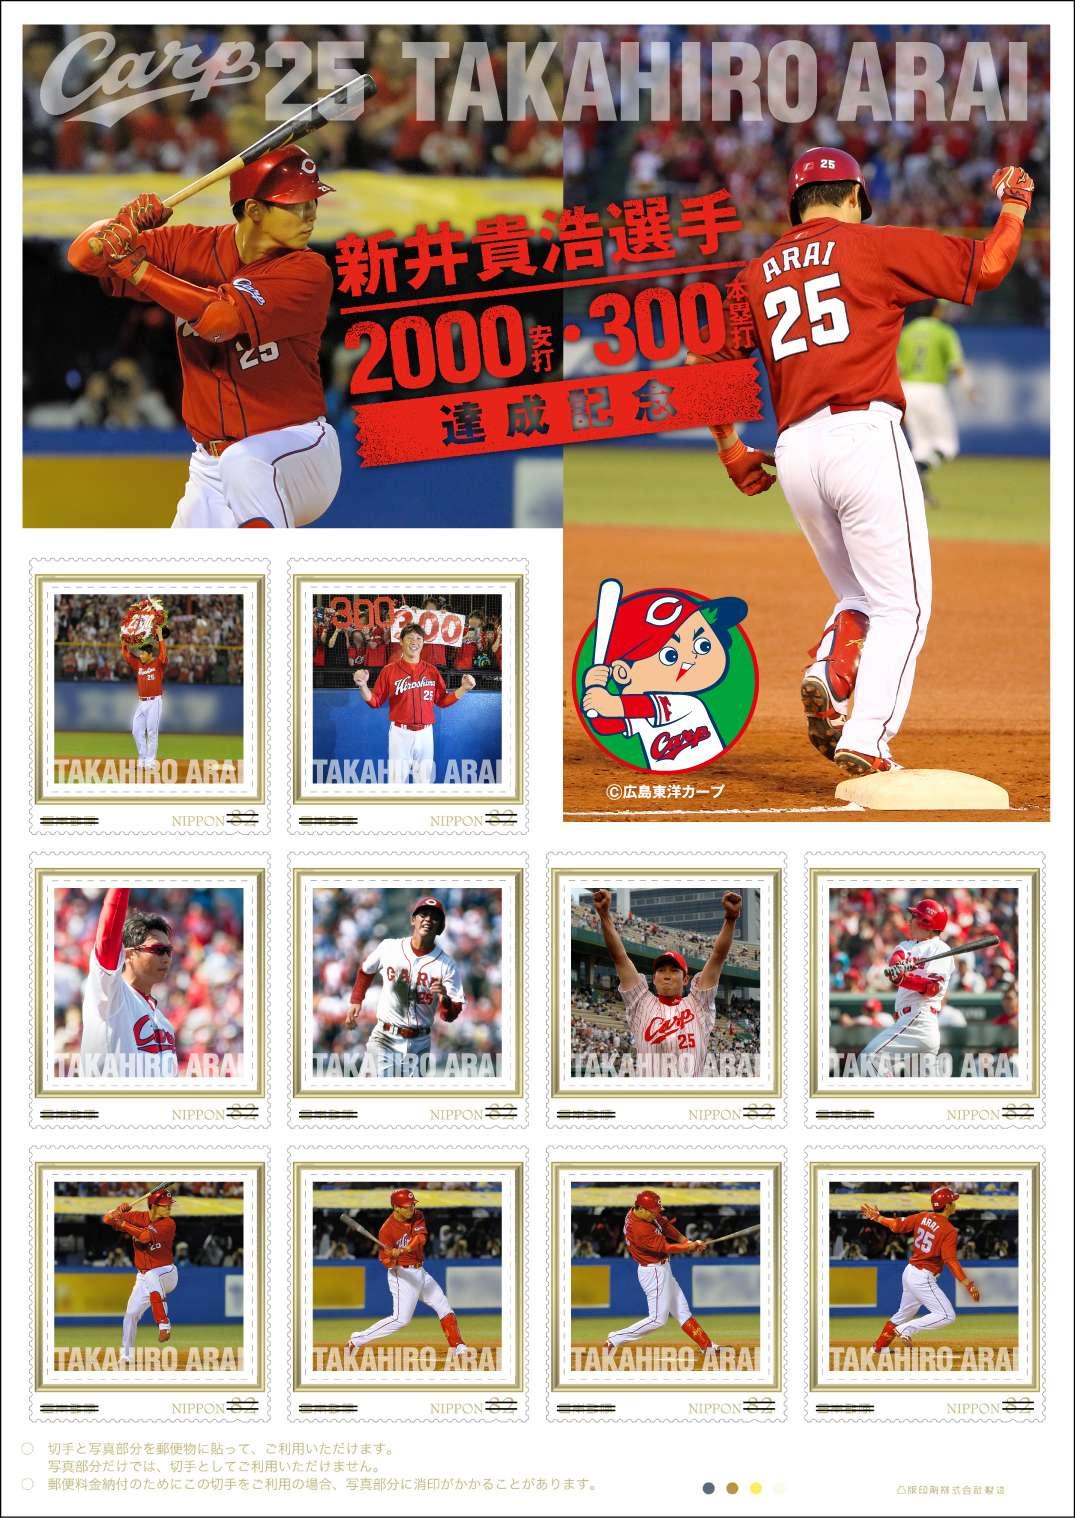 オリジナル フレーム切手セット「新井貴浩選手 2000安打・300本塁打達成記念」